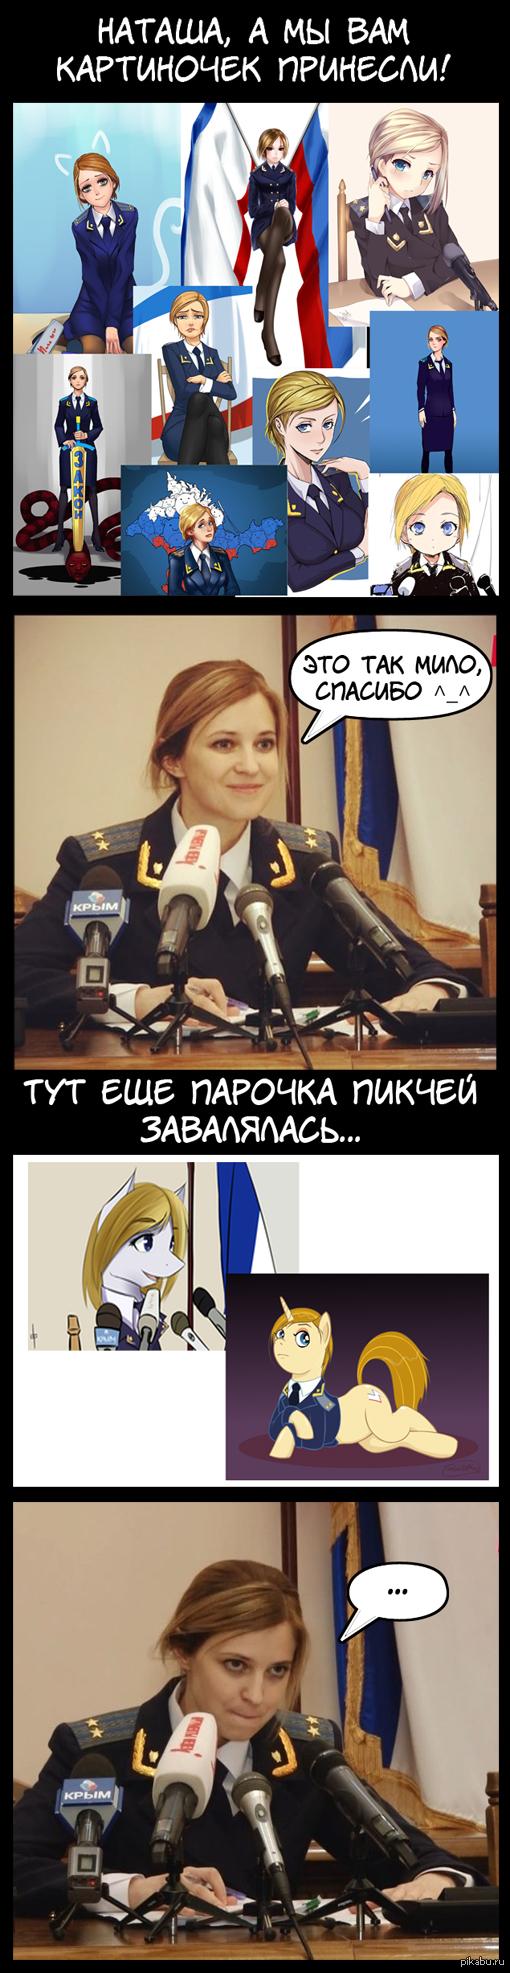 Natalia Poklonskaya comic ,videos , memes y mas (en ruso ...